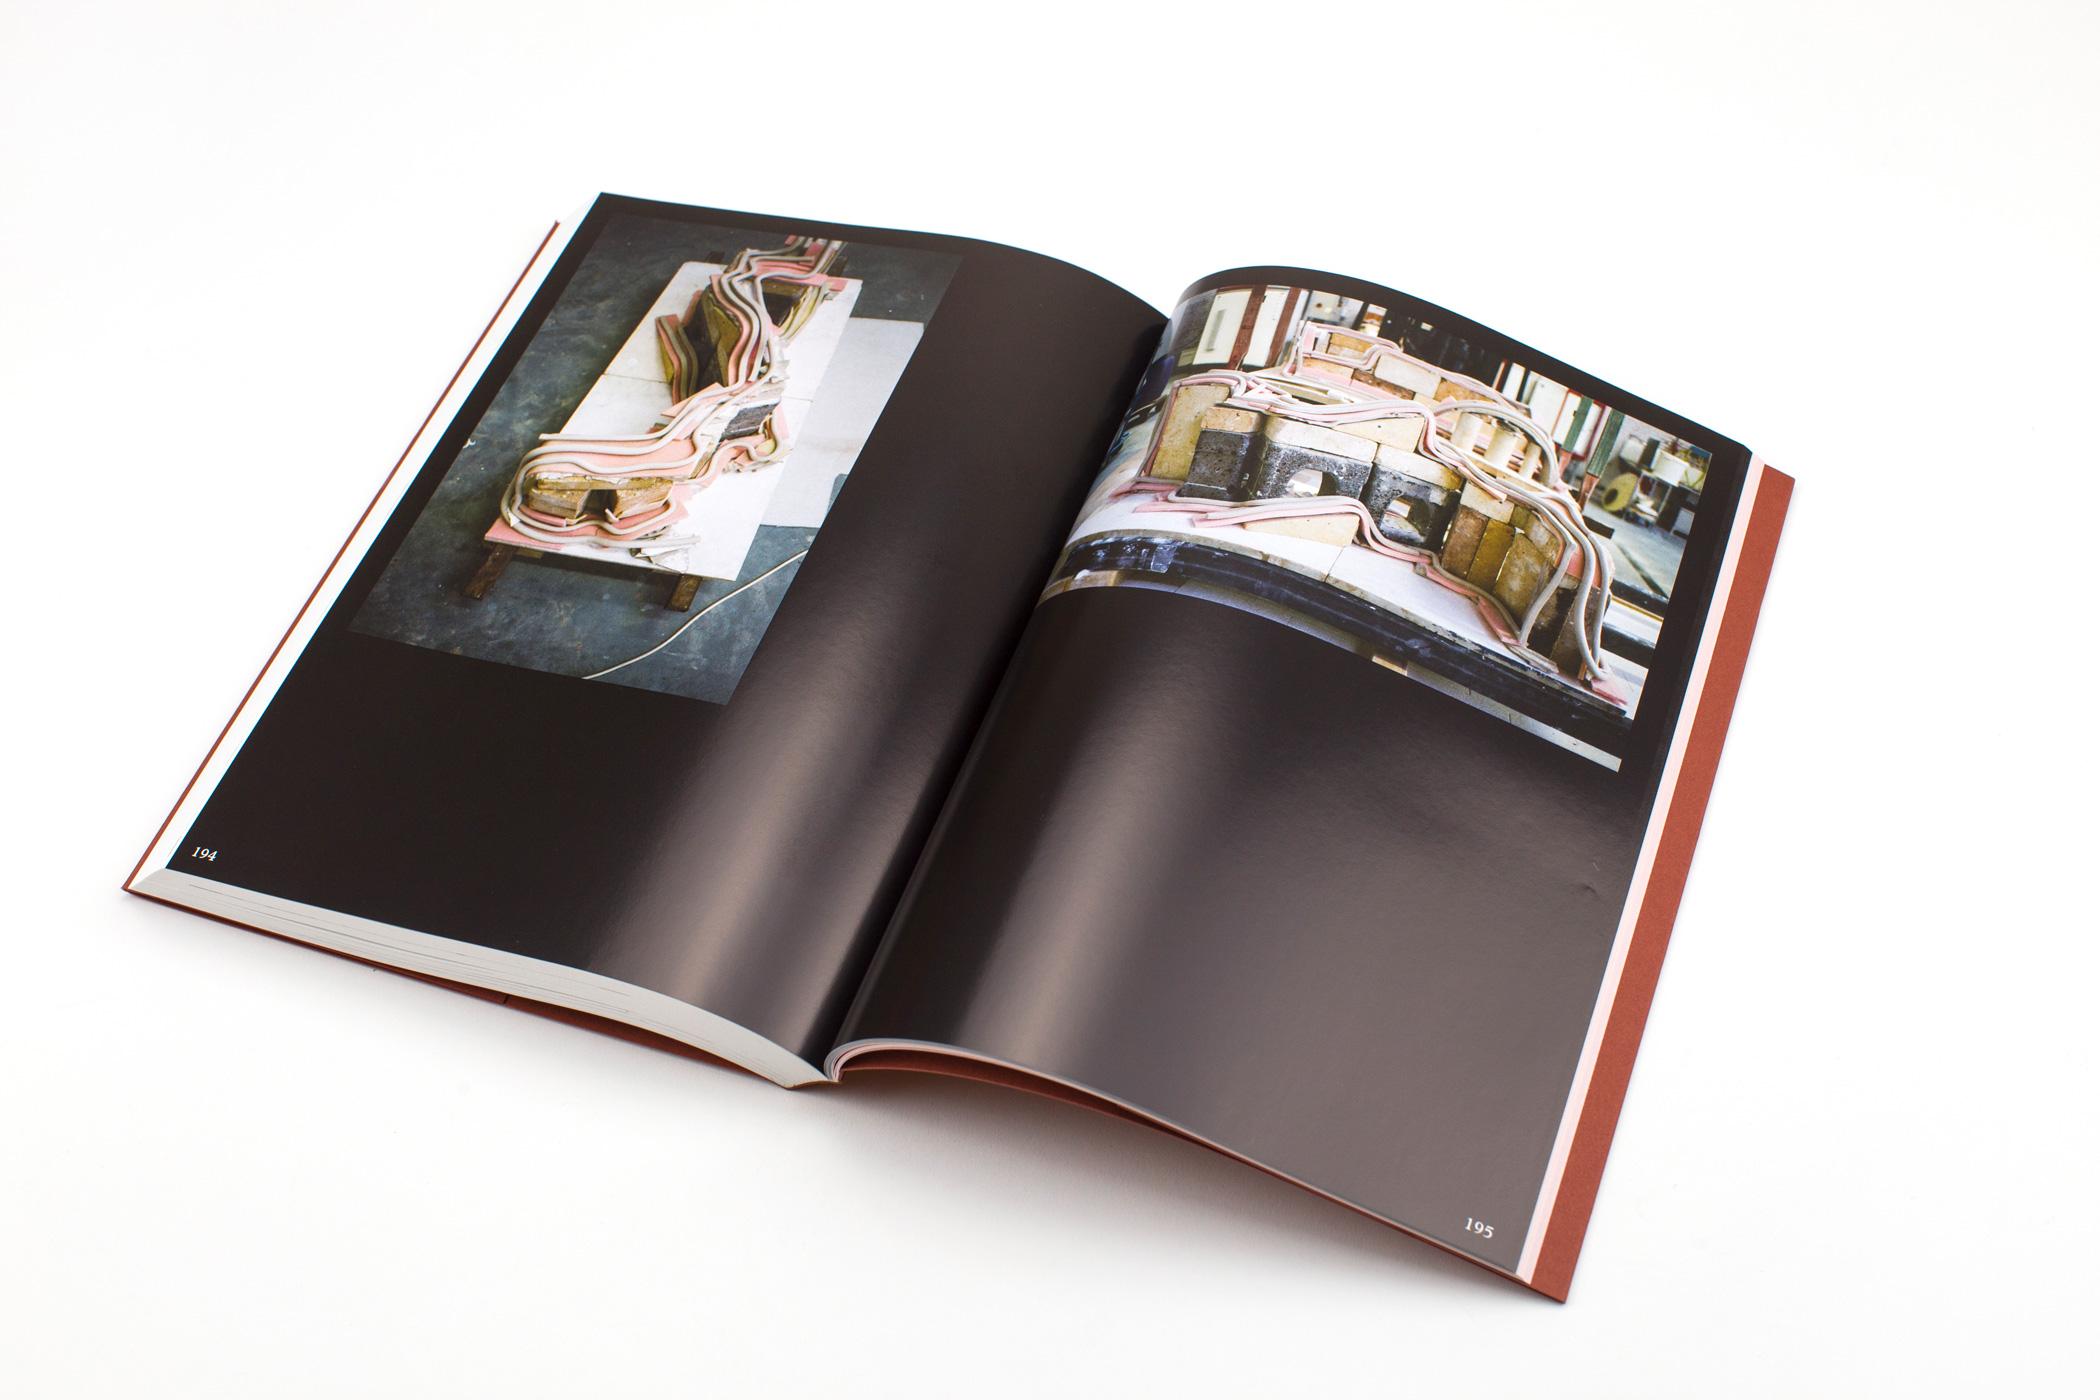 Kunstenaar Stéphanie Baechler kwam naar De Monsterkamer om papier uit te zoeken voor het boek Dear Clay. Ontwerp: Rudy Guedj & Laura Pappa